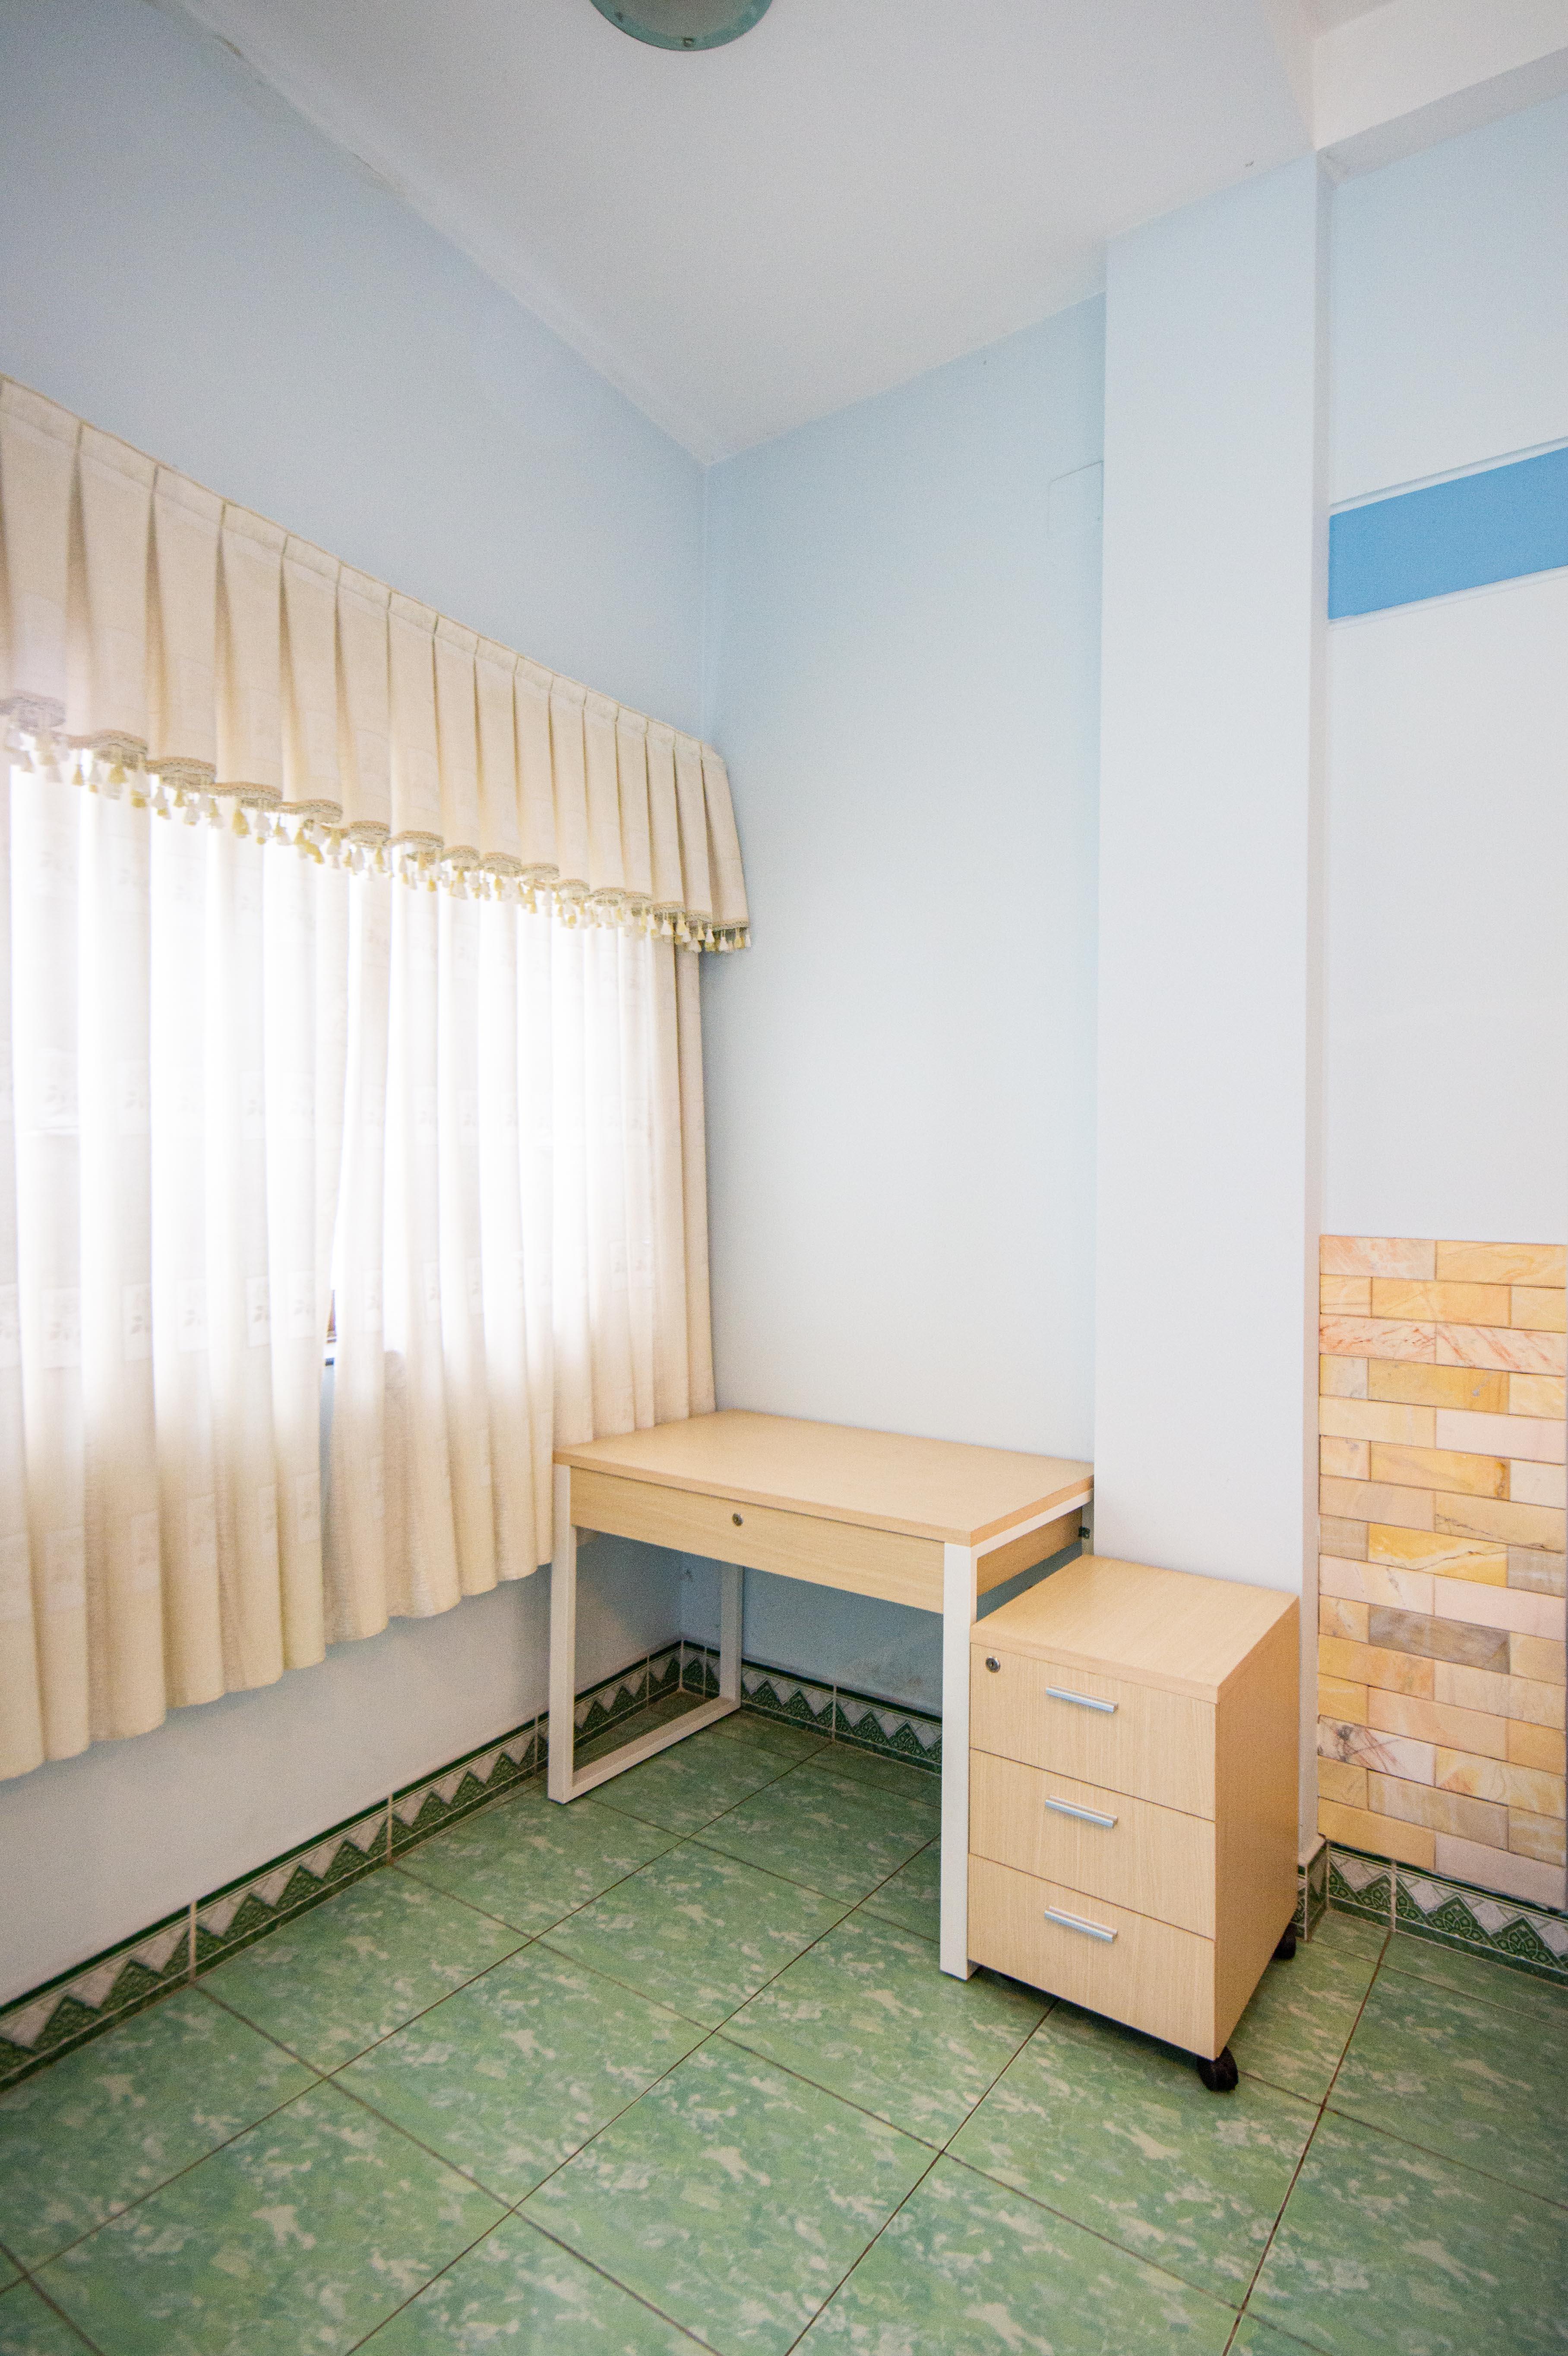 Cho Thuê Căn hộ 1 PN Nguyen Dinh Chieu D3 Apartment - Có Bồn Tắm -8